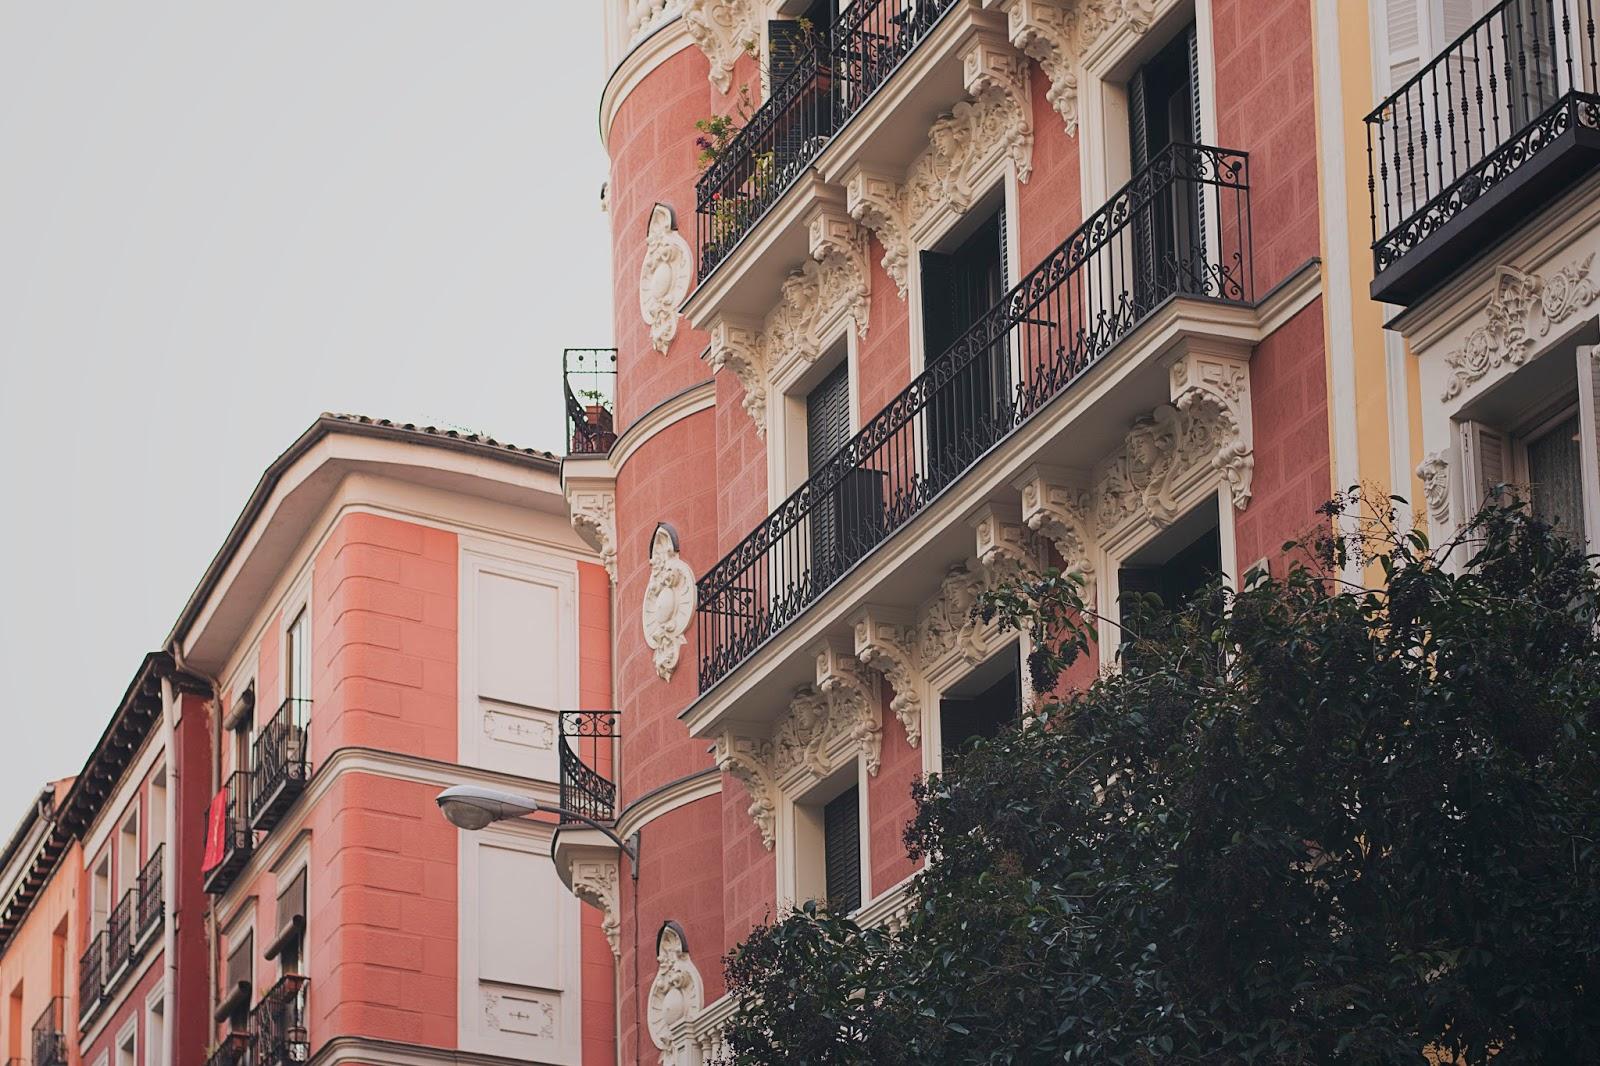 los lugares mas bonitos de madrid